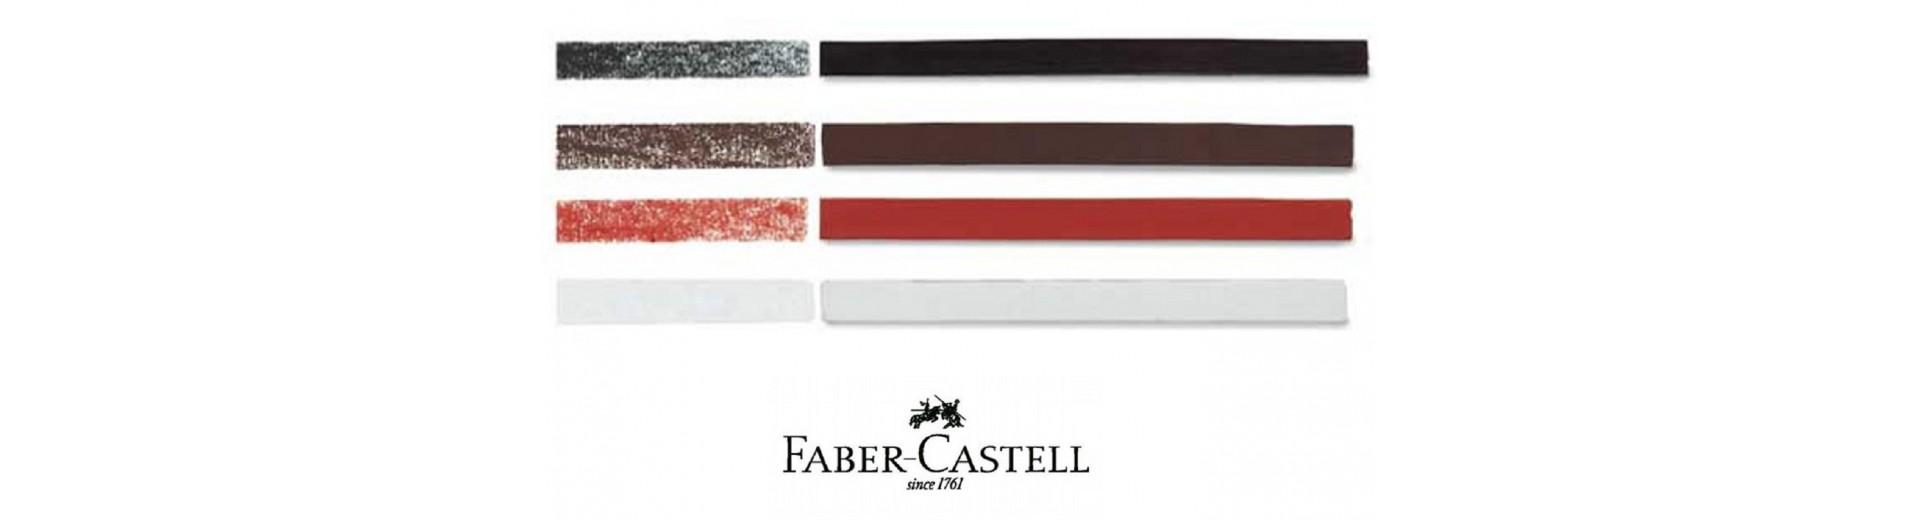 CRETAS MONOCHROME FABER CASTELL